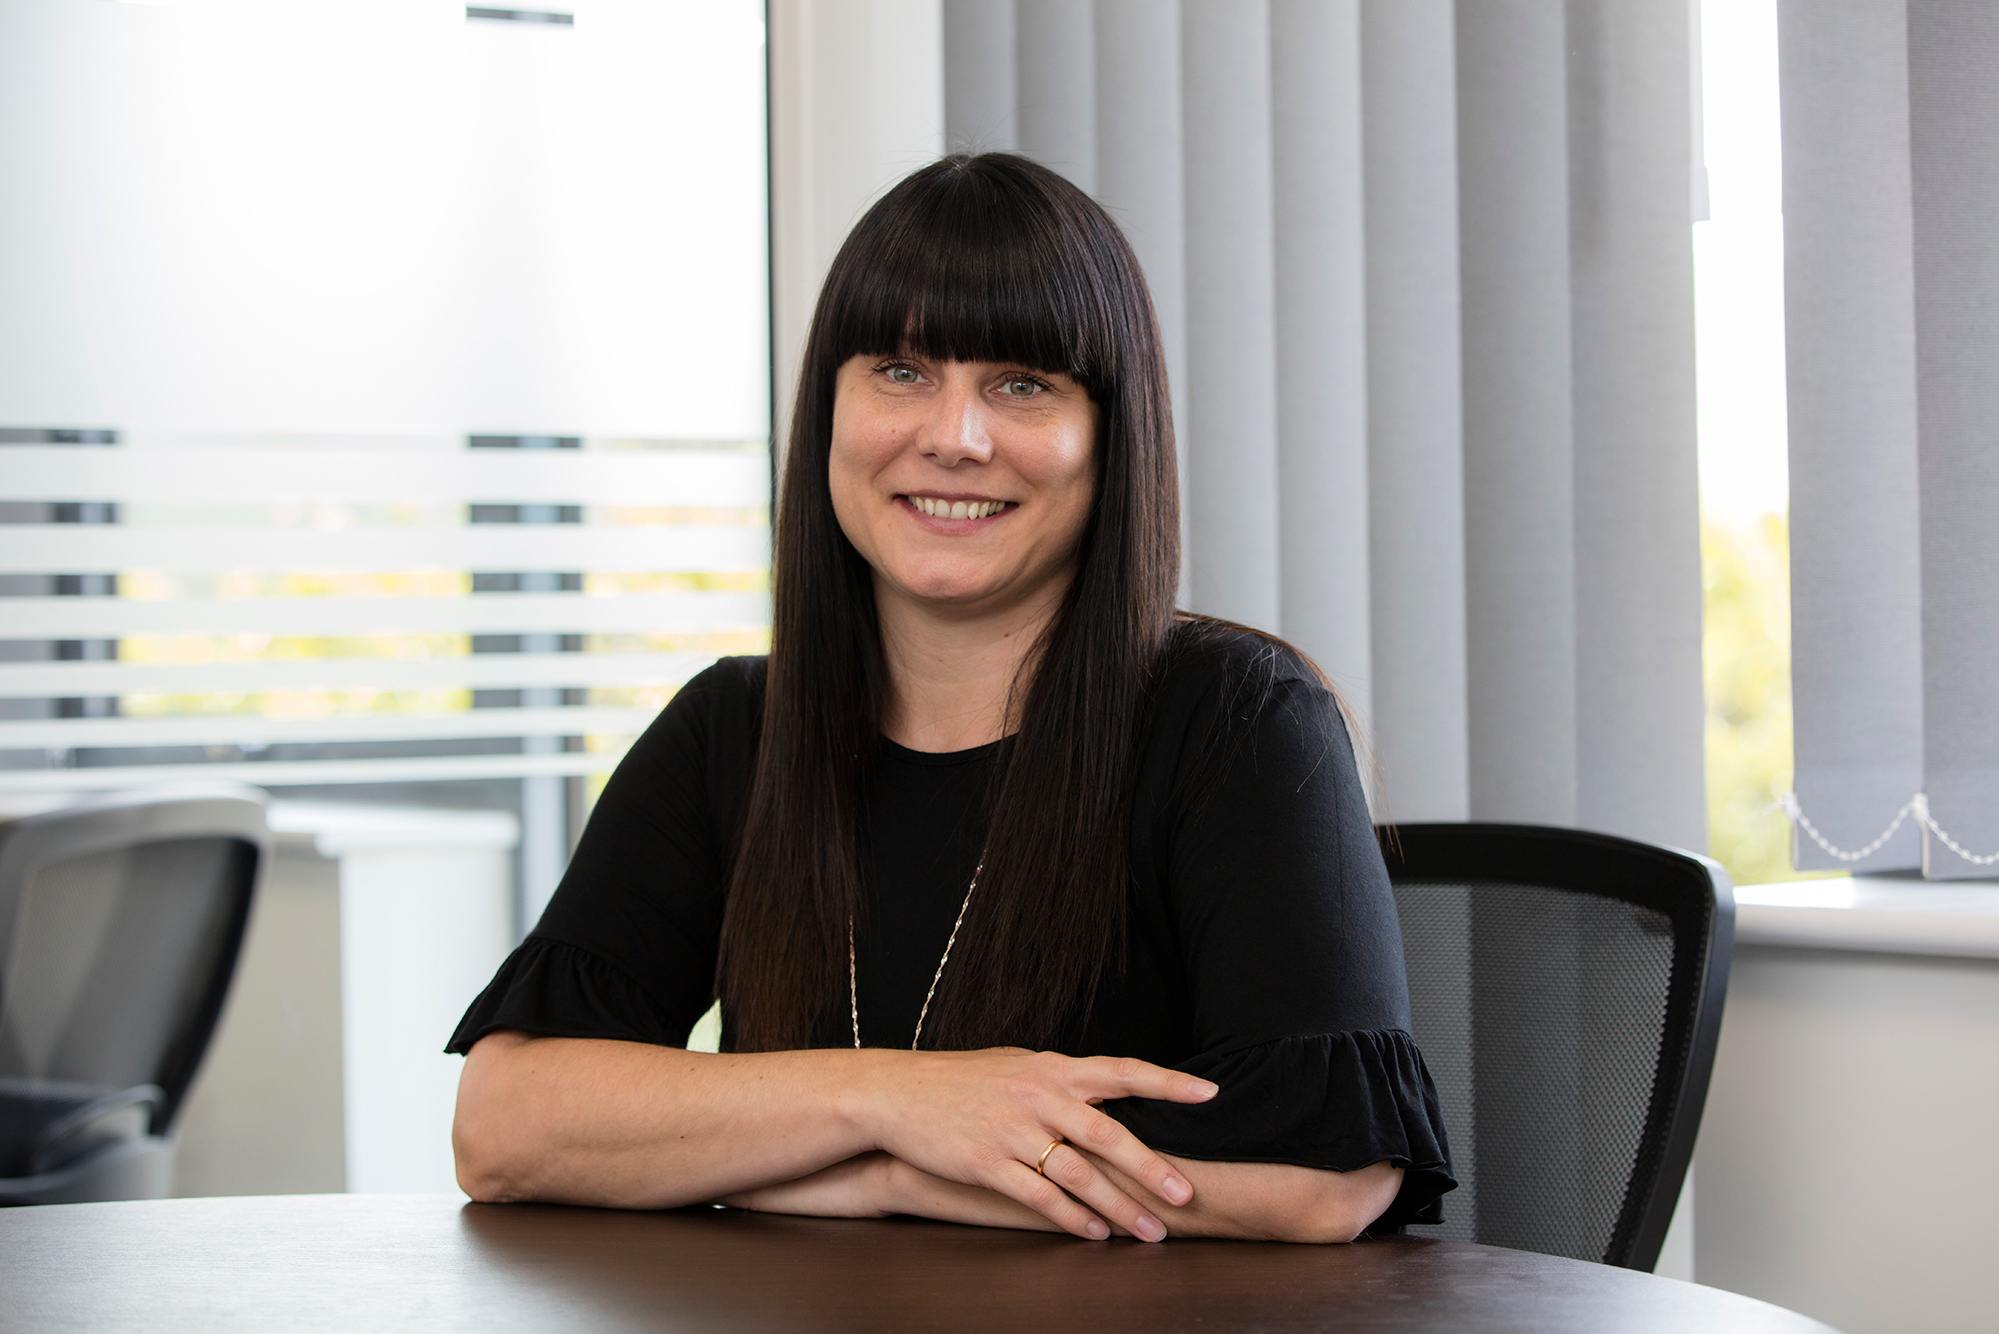 Samantha Sillet